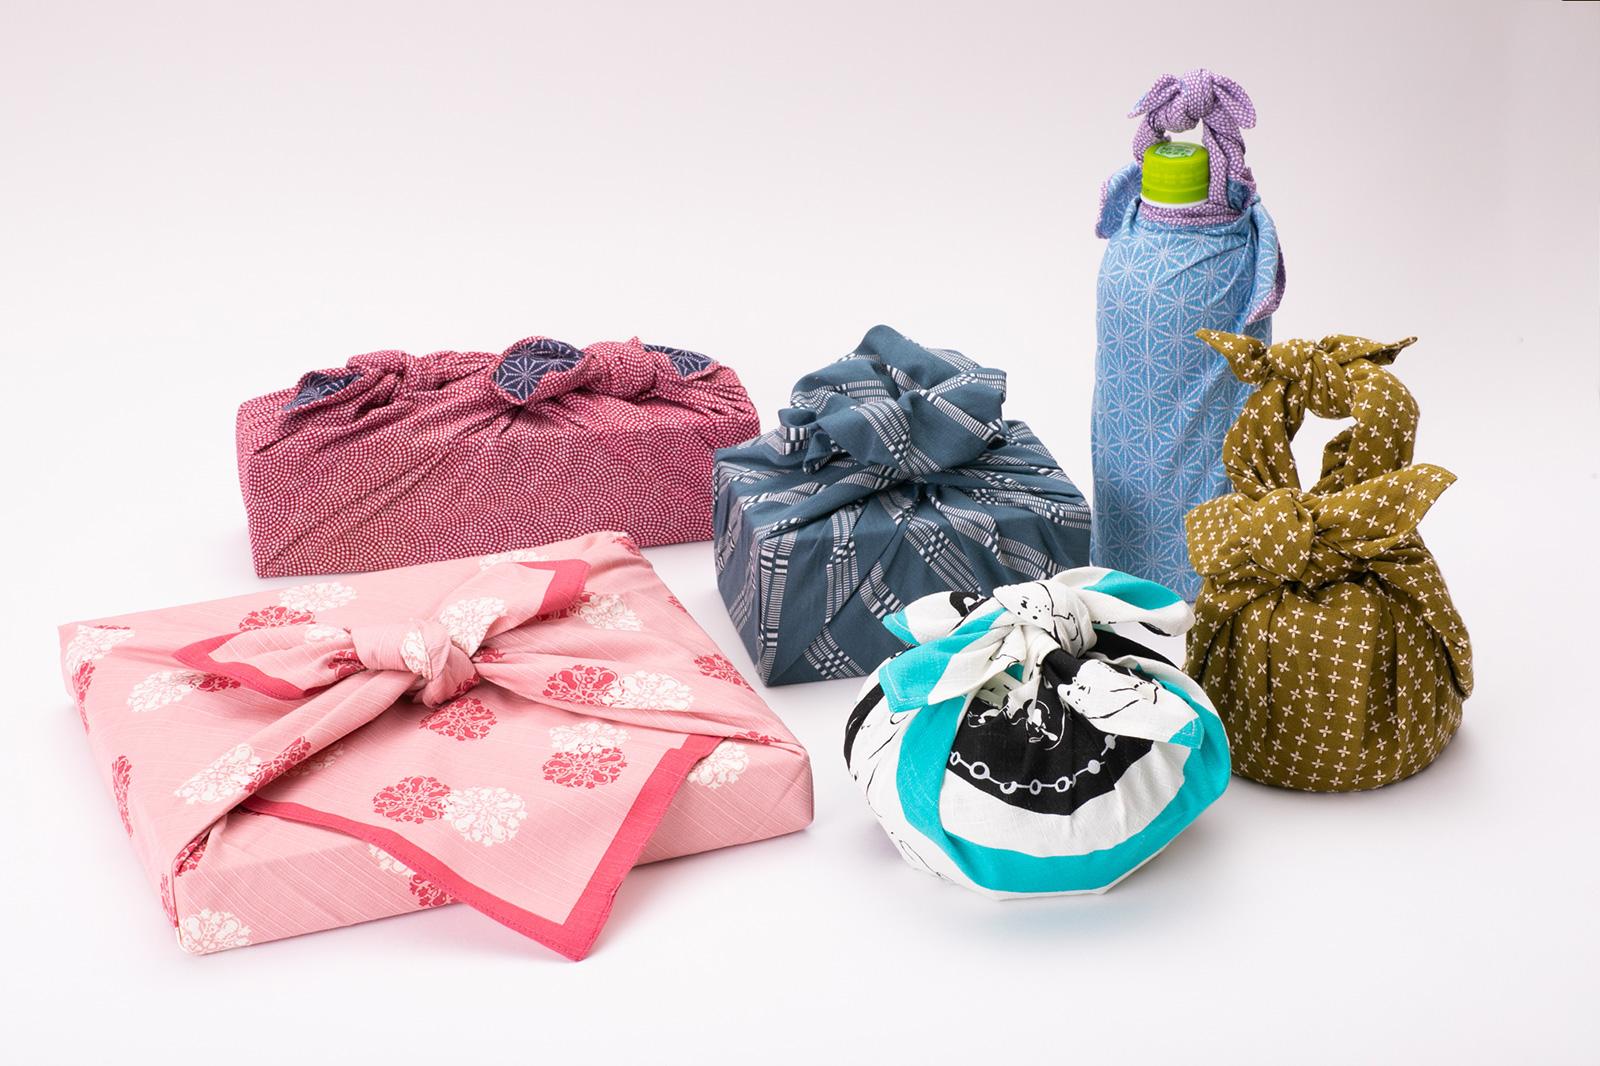 「みーさんのふろしき講座~暮らしで楽しむ、はじめてのふろしき包み」ワークショップ開催